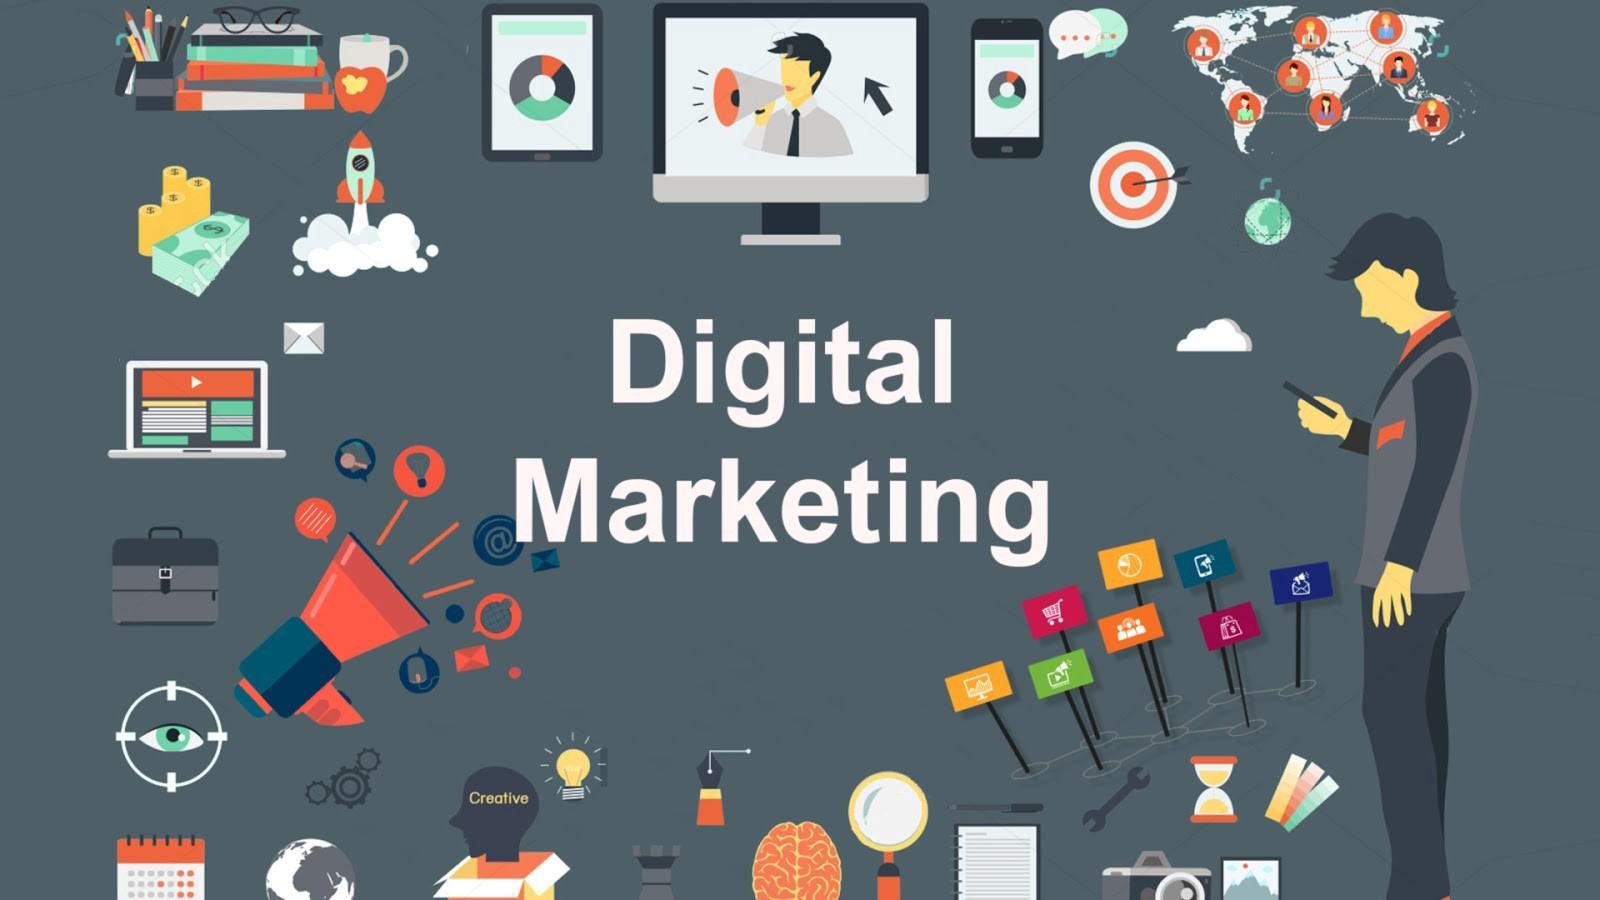 Lợi ích của Digital Marketing trong thời đại công nghệ số - Kiến thức ngành